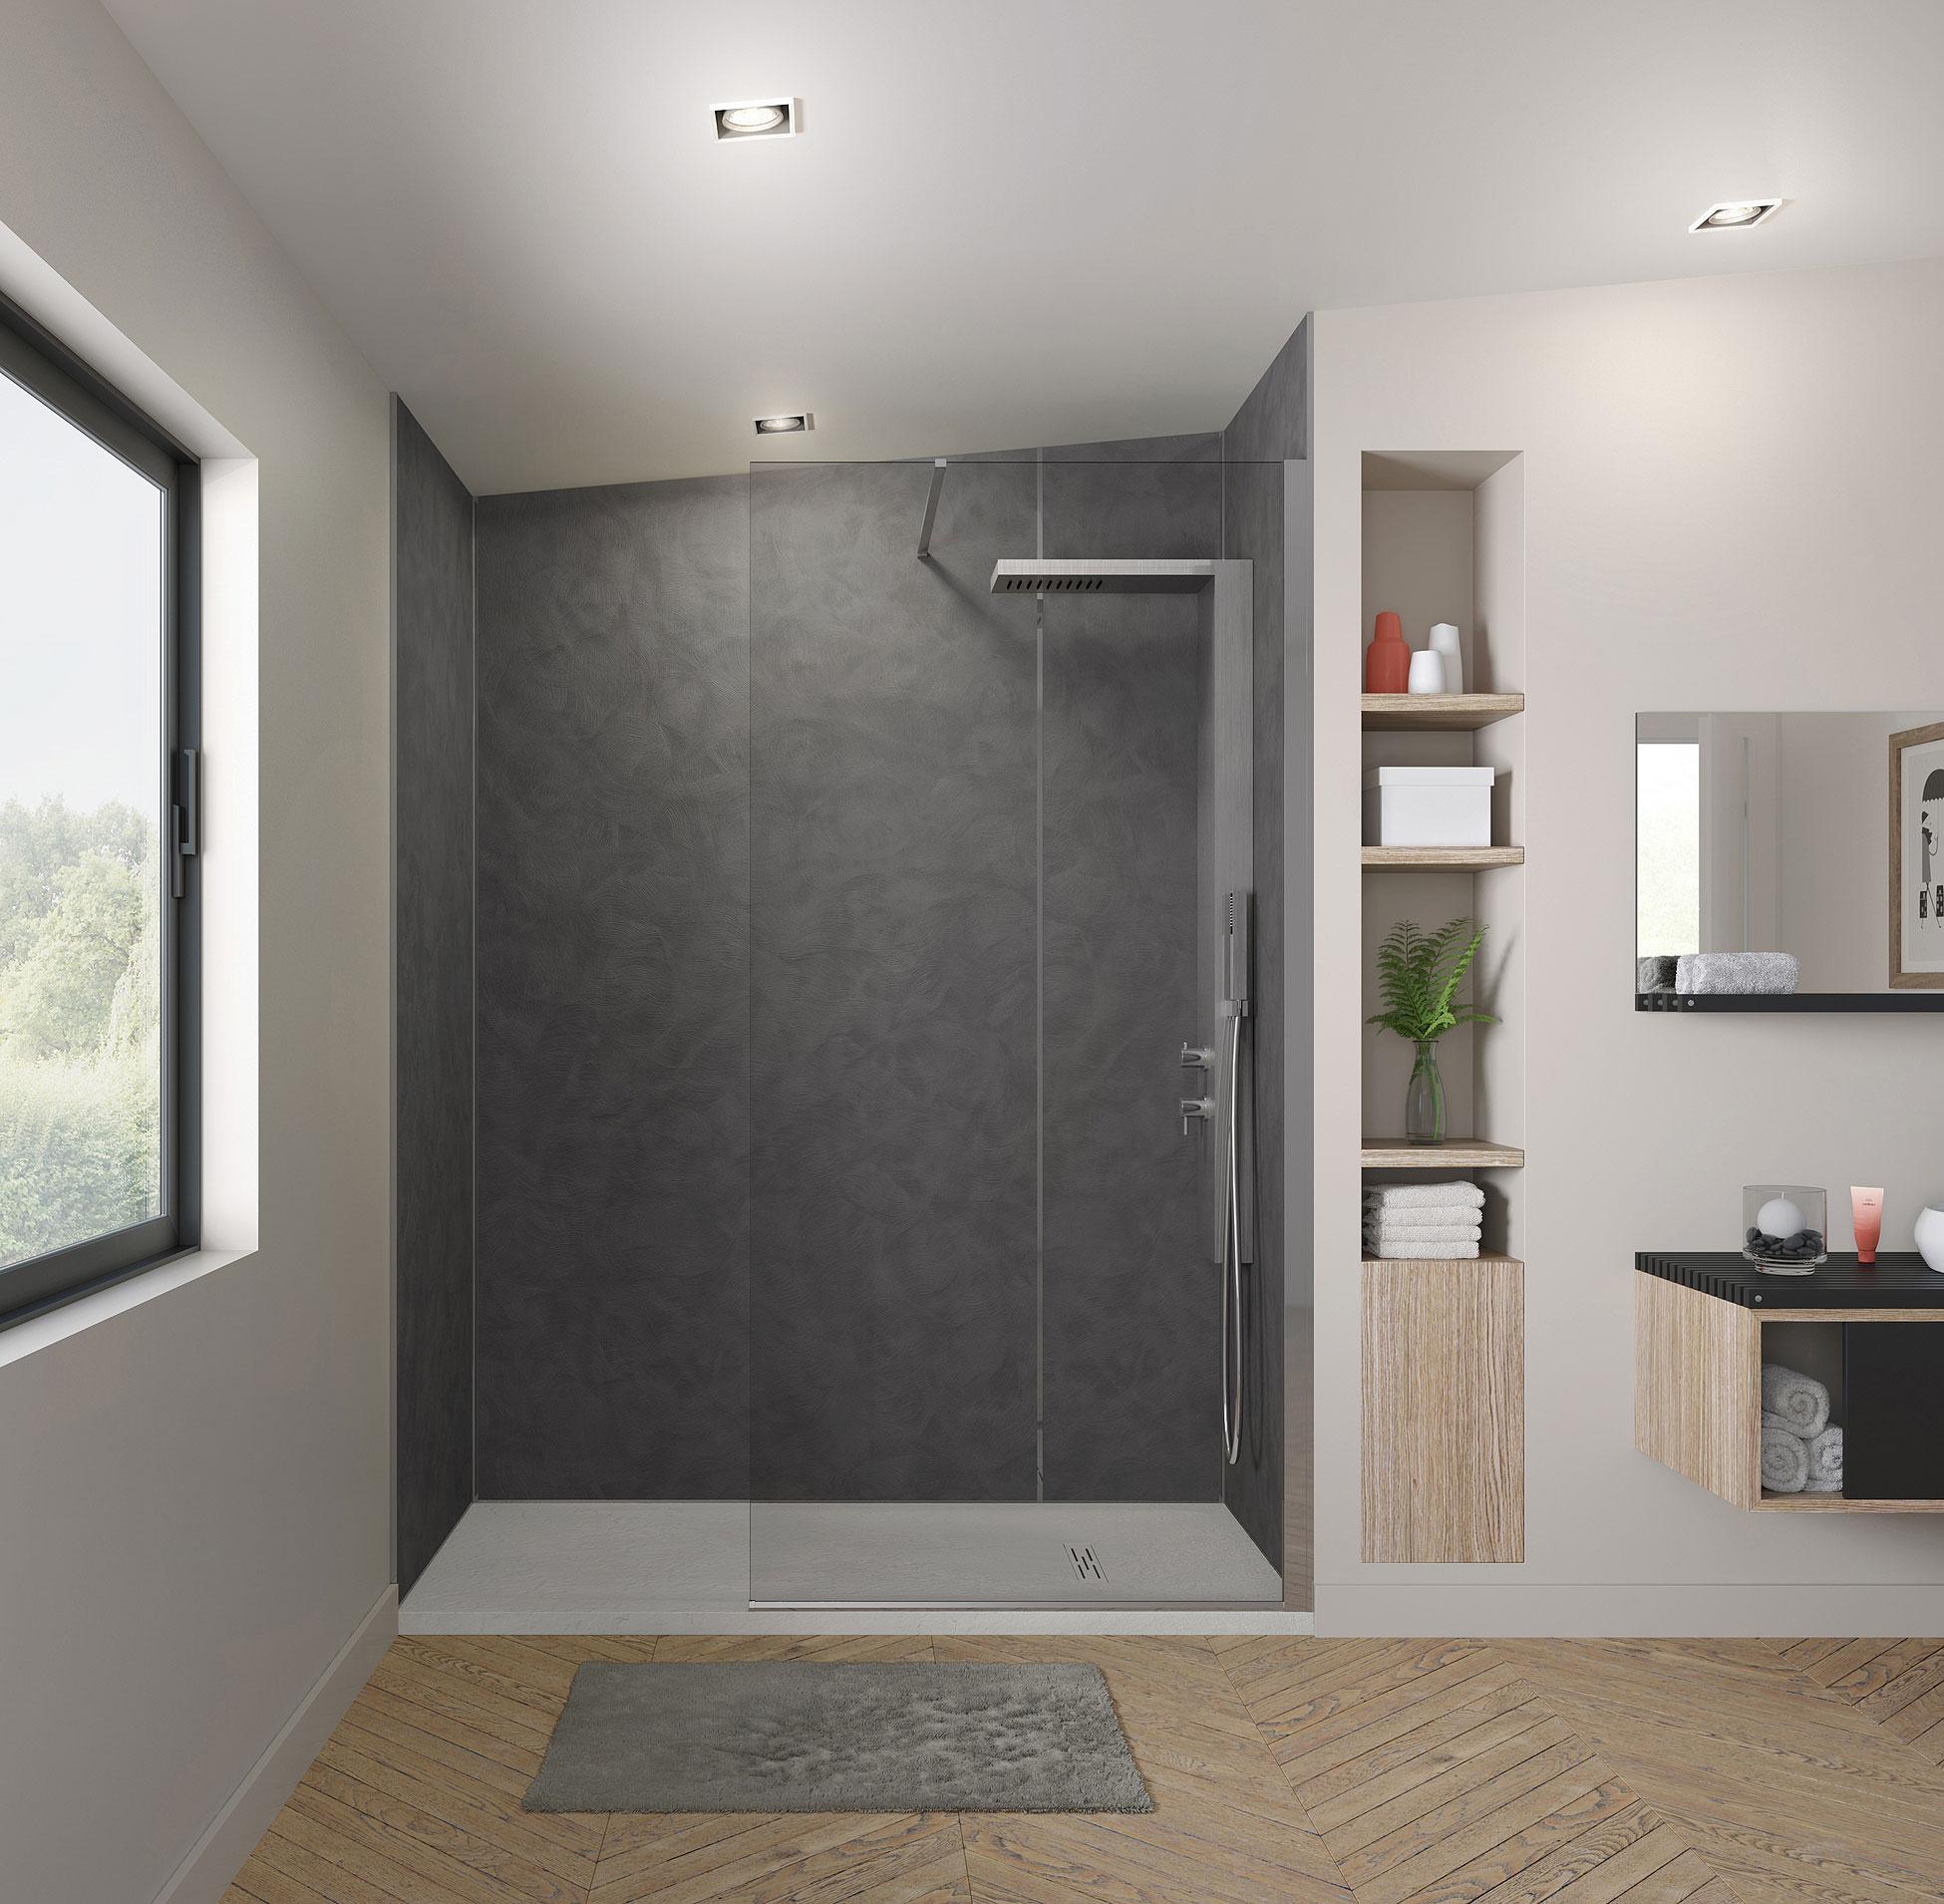 Grandform lanza la gama de paneles de ducha kinewall for Murales para banos modernos